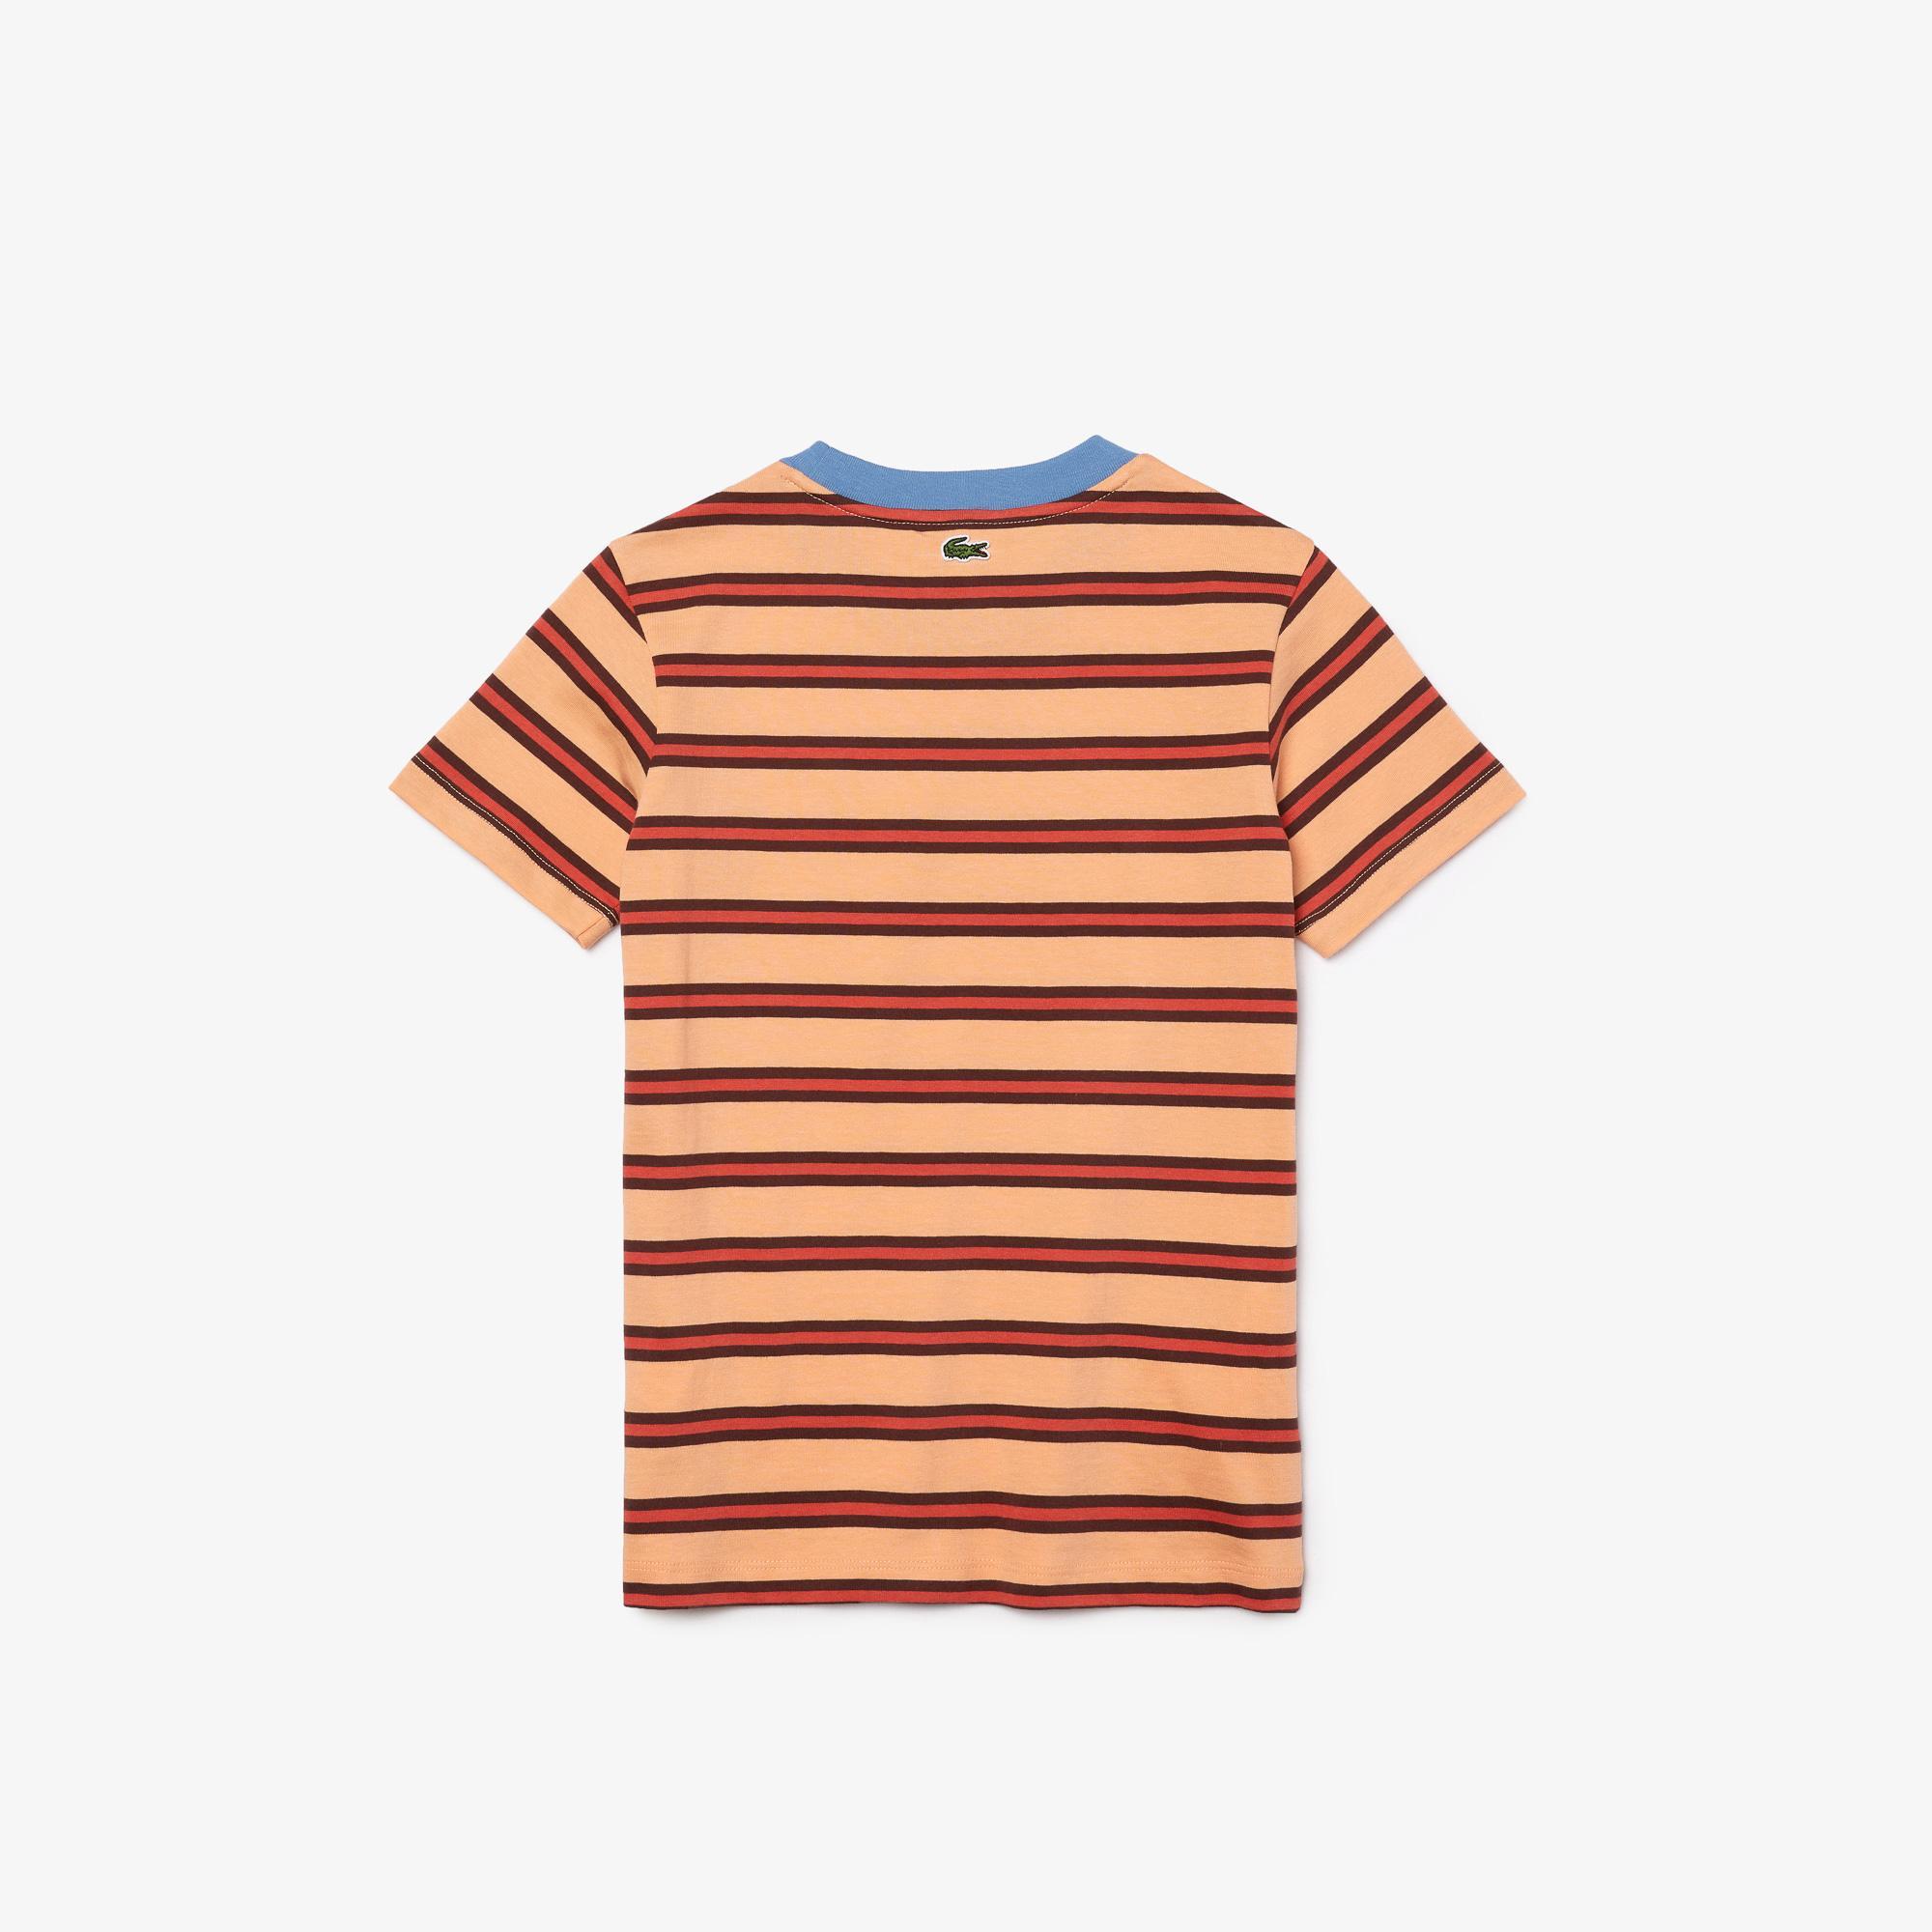 Lacoste Çocuk Bisiklet Yaka Çizgili Baskılı Kırmızı T-Shirt